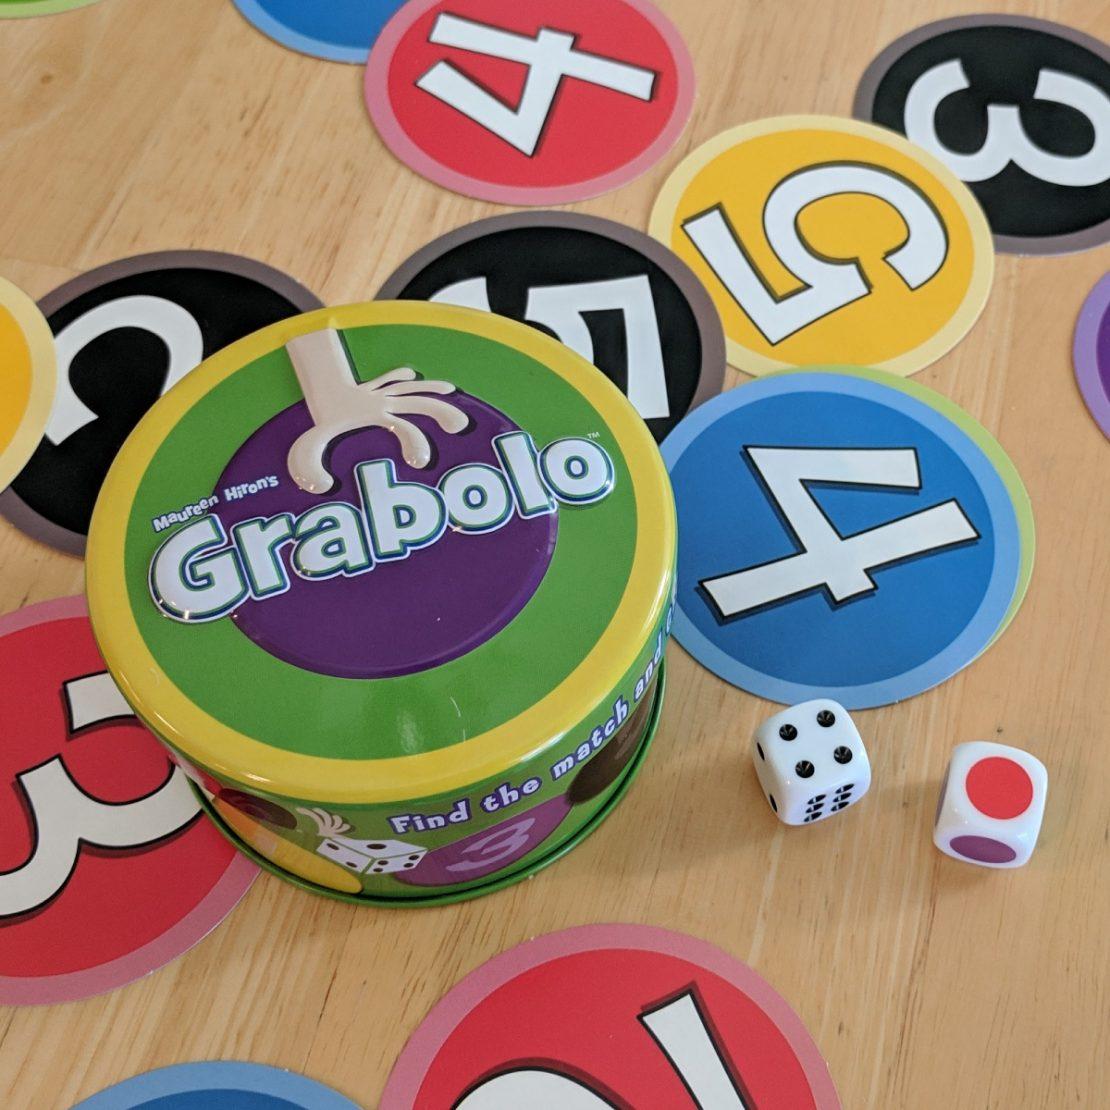 Amigo Games Grabolo